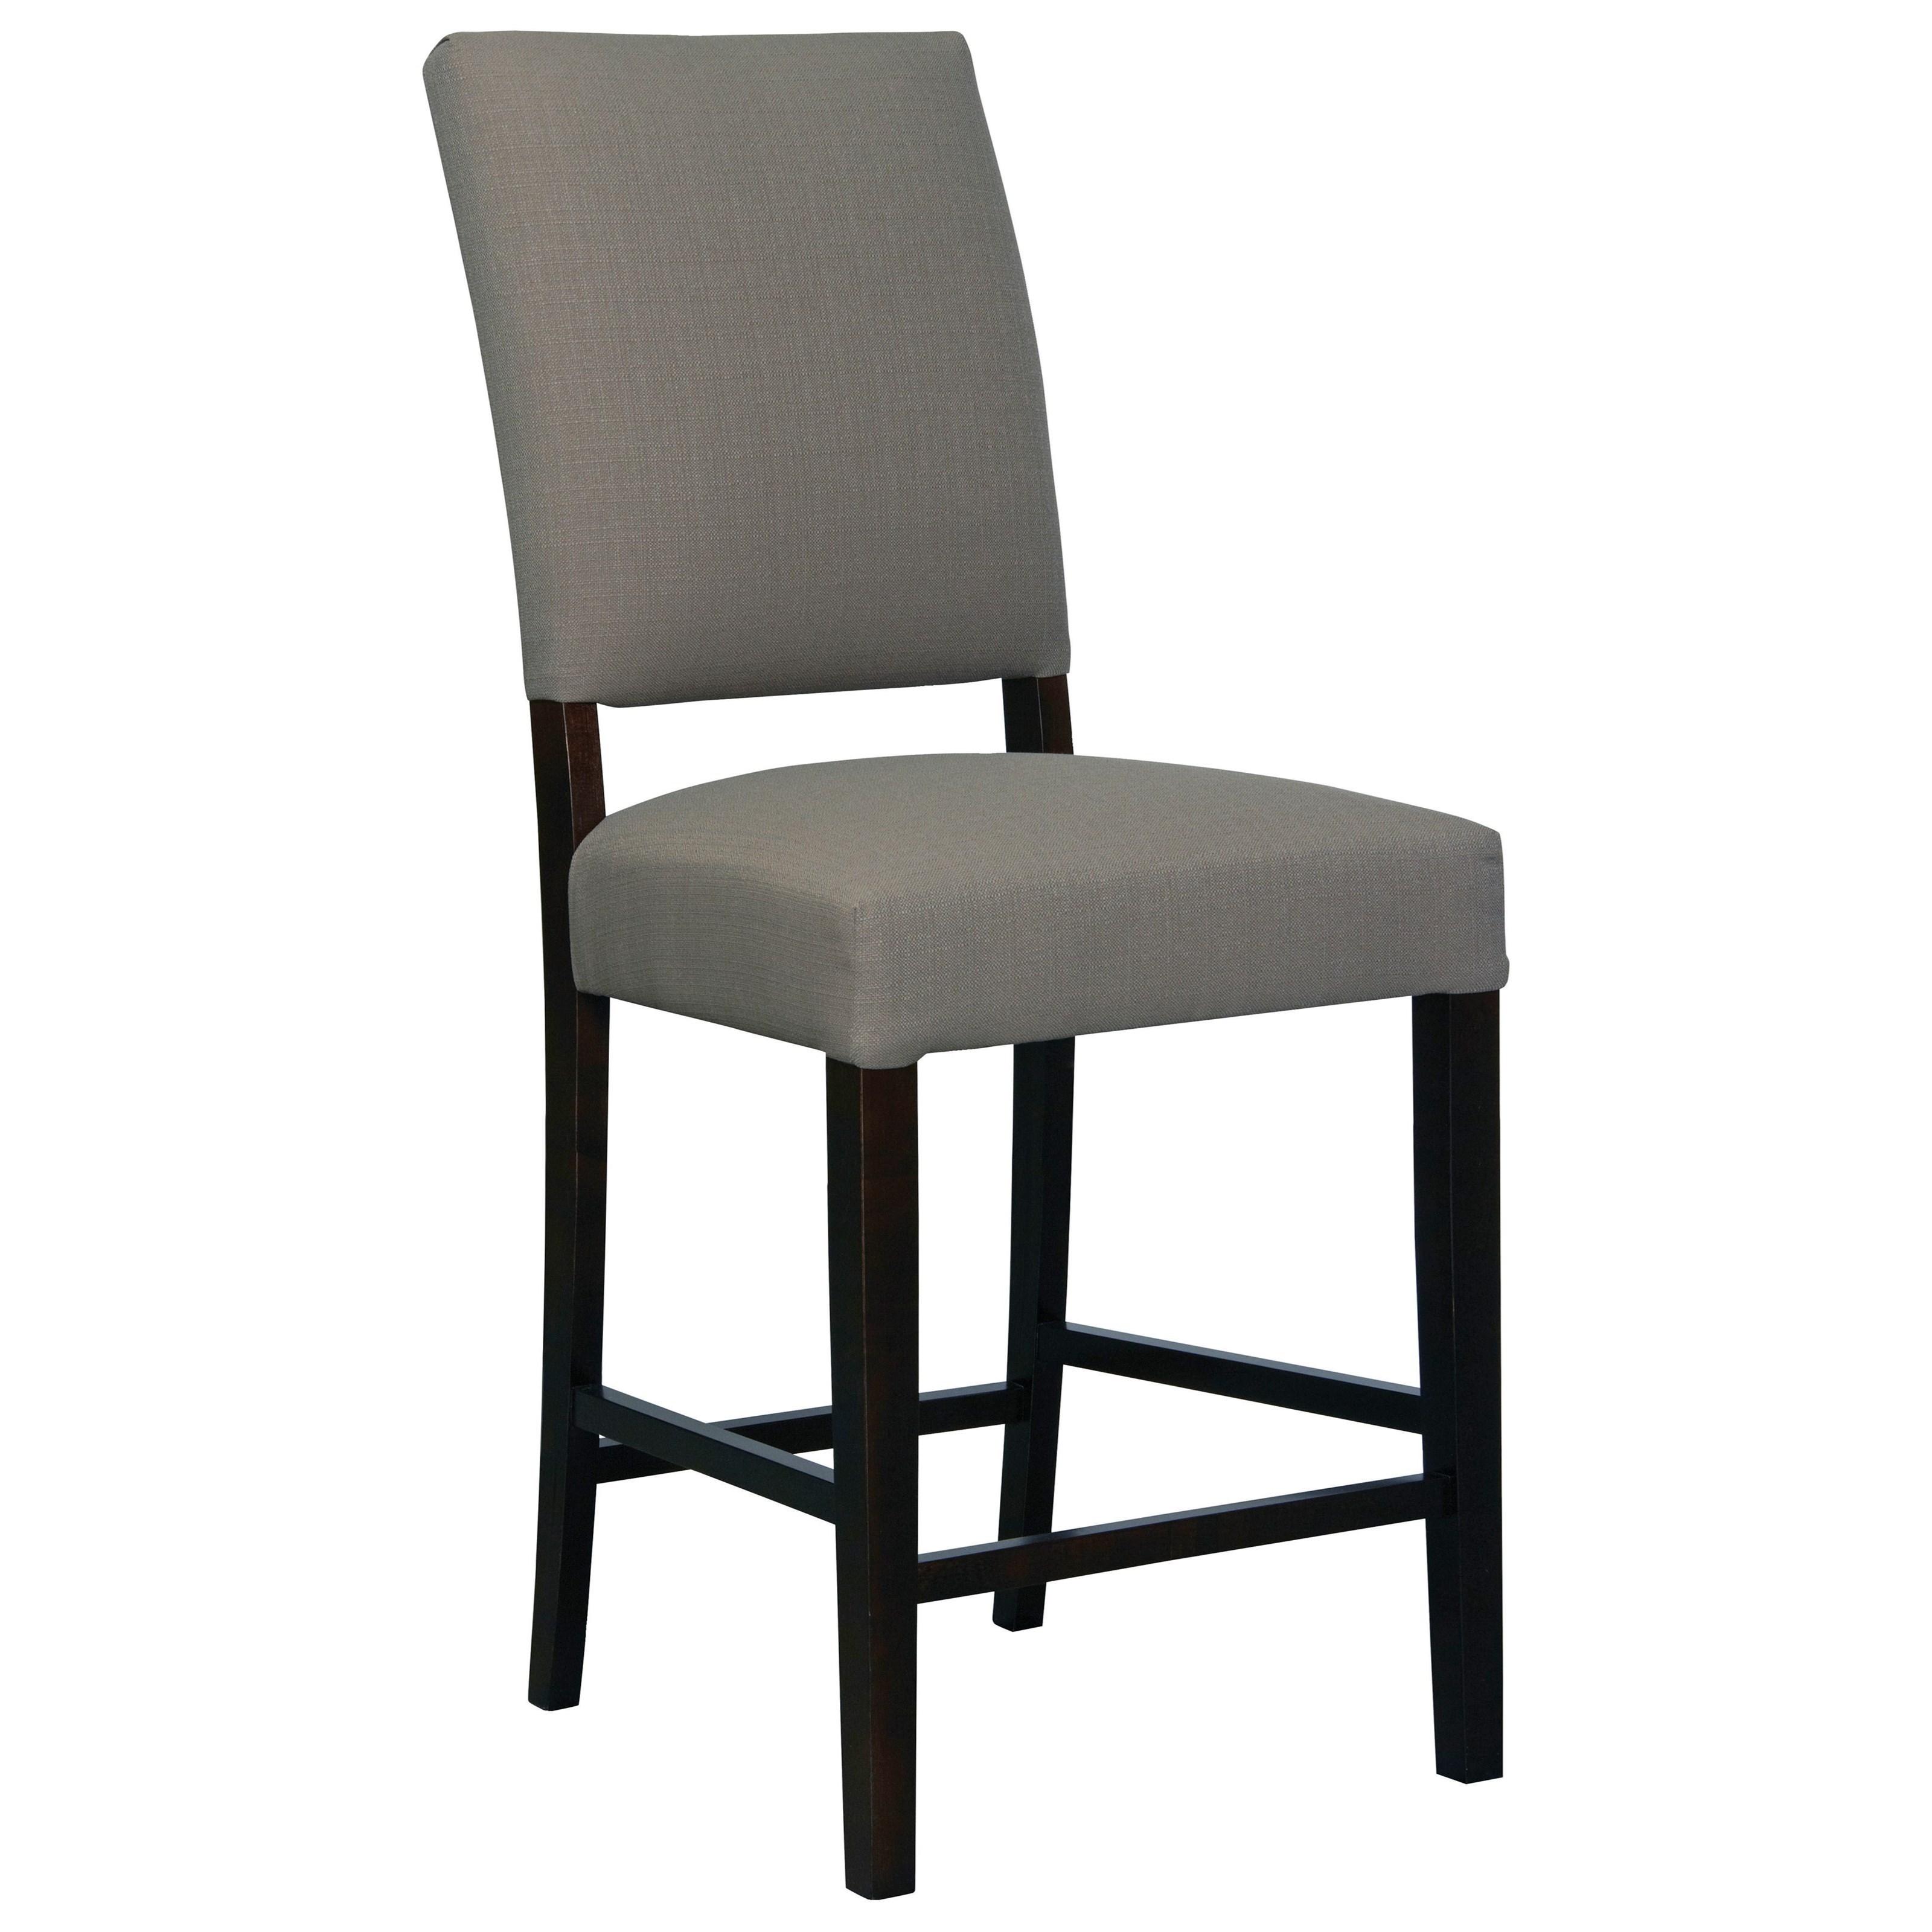 Custom Dining Chairs Medium Upholstered Bar Stool by Bassett at Bassett of Cool Springs